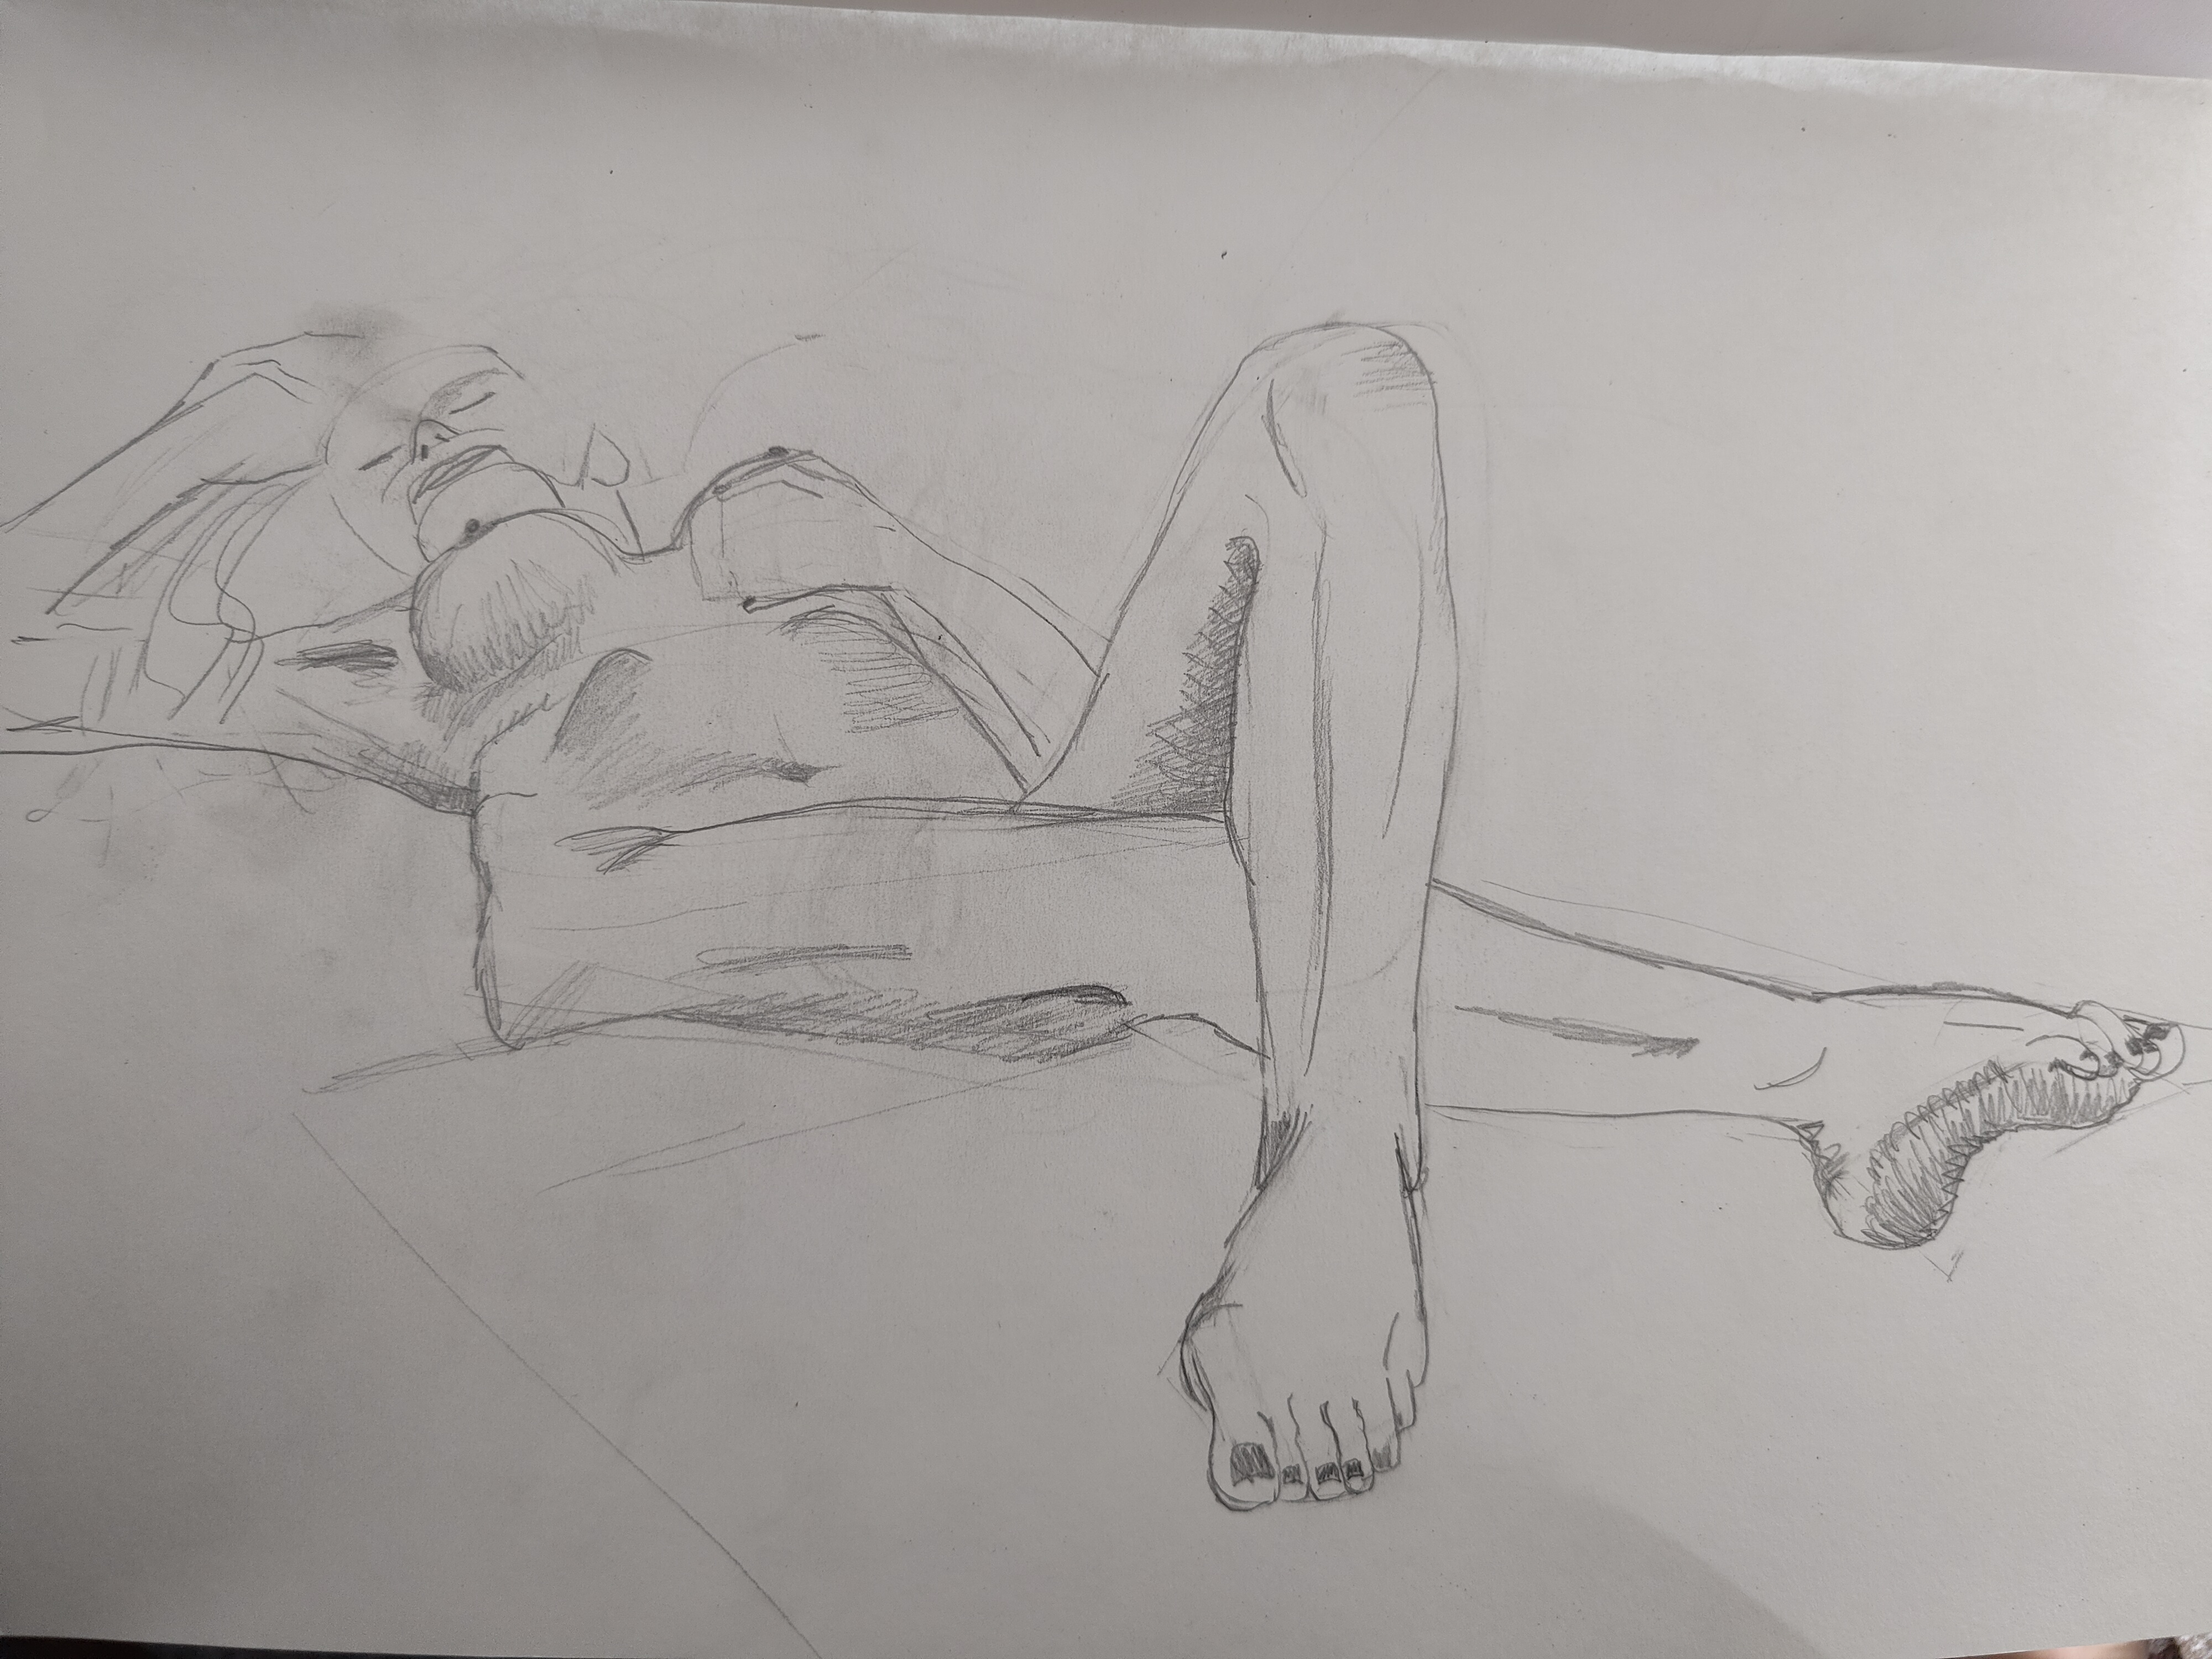 Croquis corps en raccourci perspective dessin au graphite hachures  cours de dessin